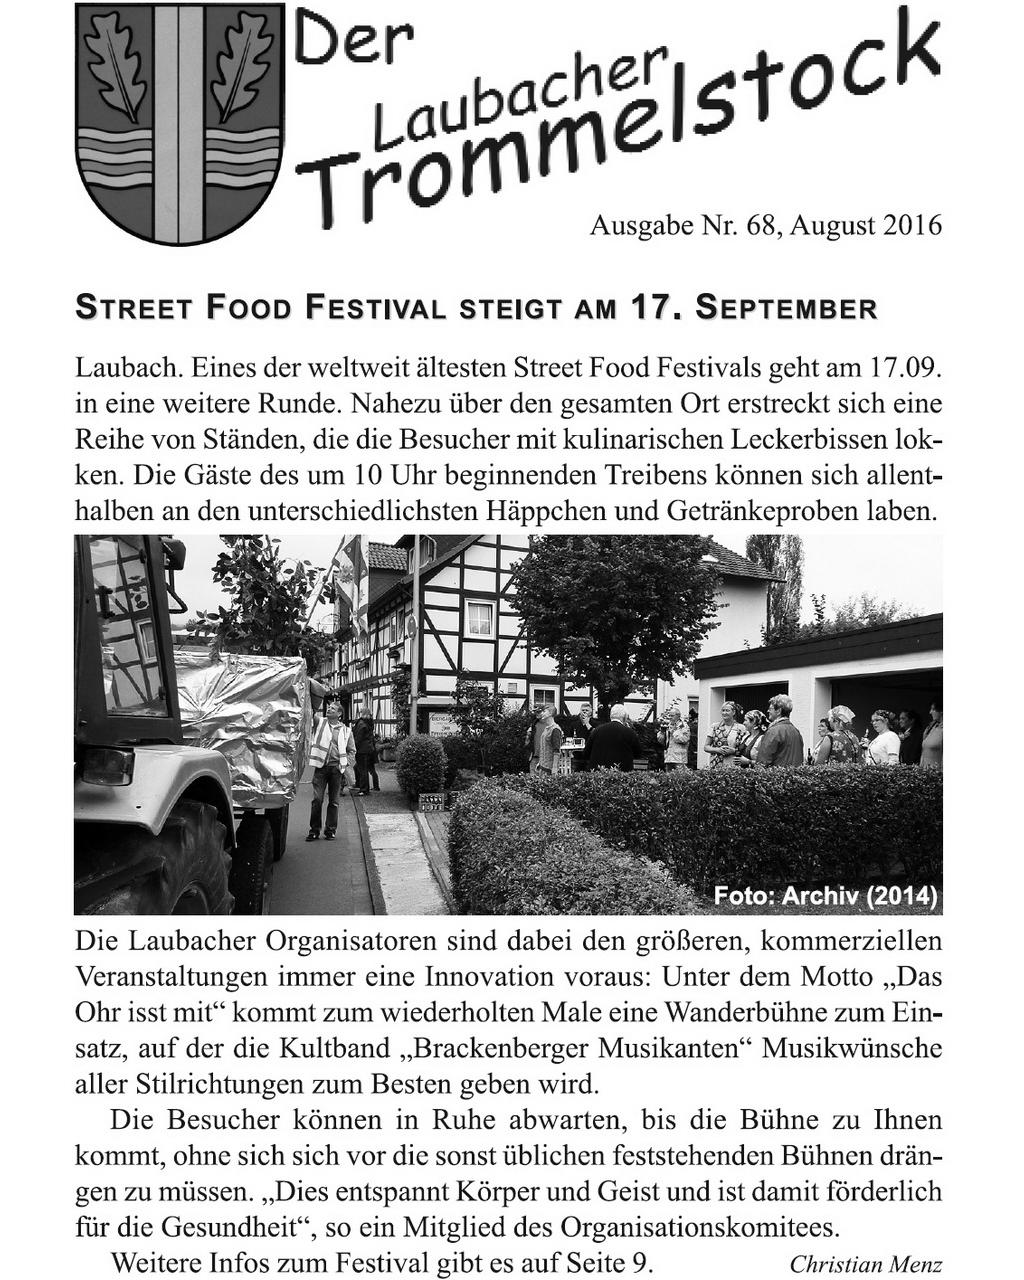 Laubacher-Trommelstock-Titelseite-068